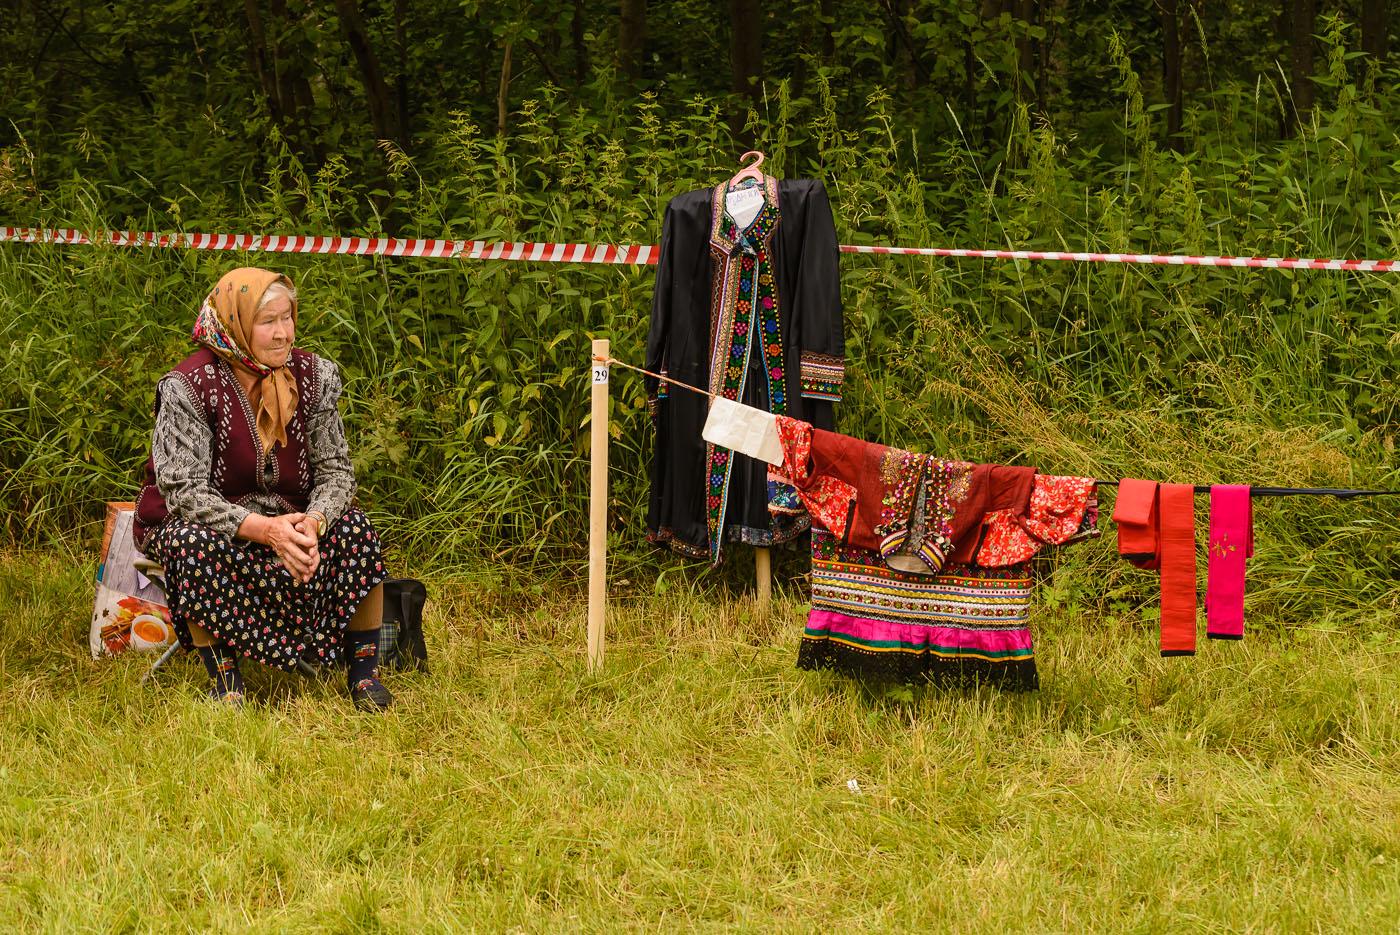 Фото 43. Продавец национальных костюмов на фестивале в поселке Арти. 1/320, 7.1, 560, 70.